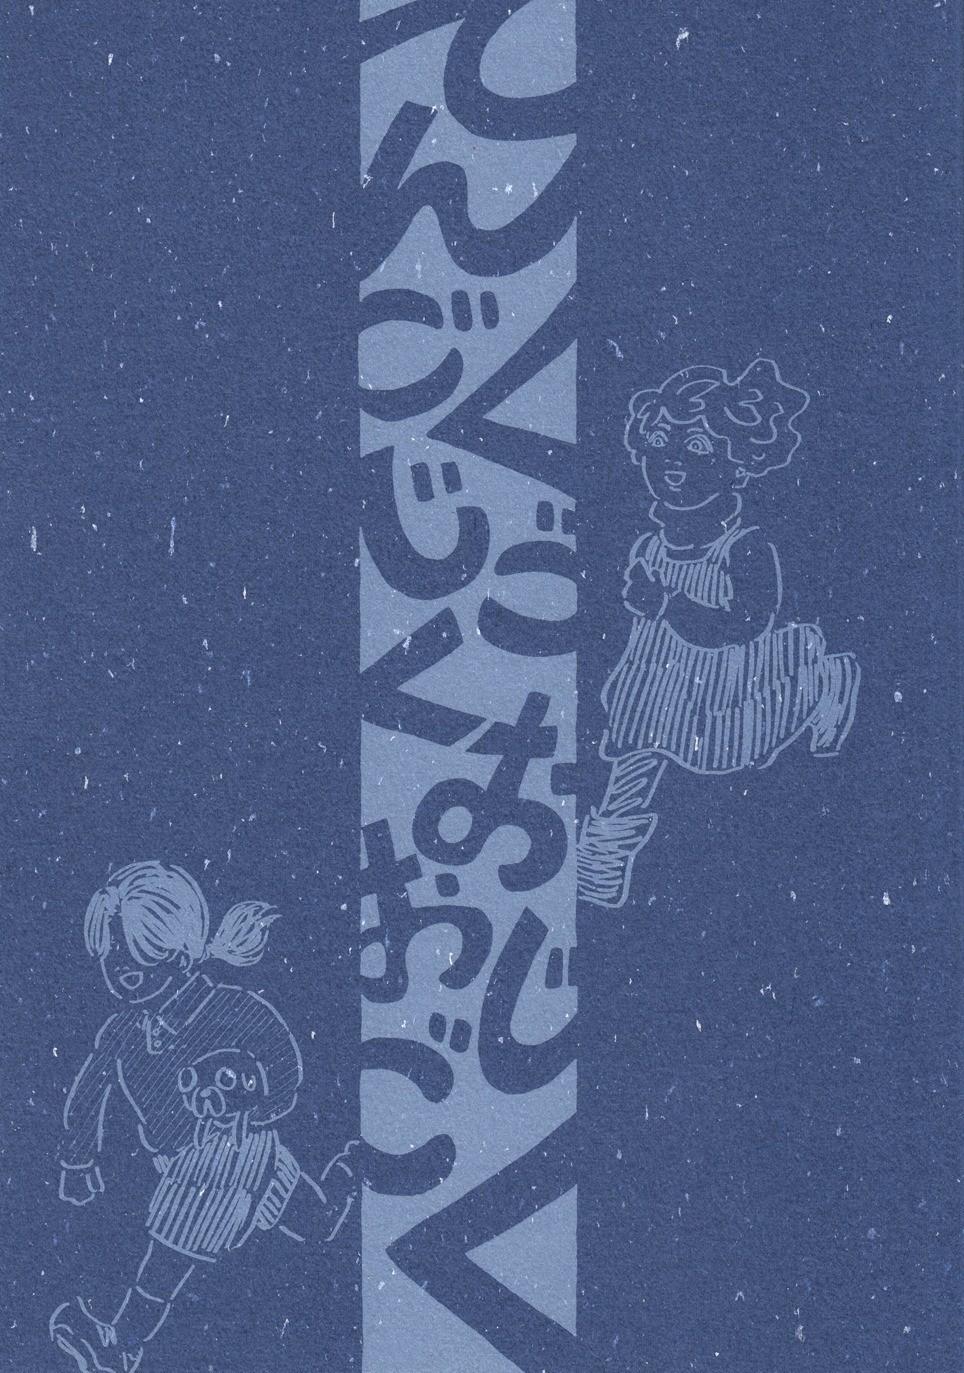 2018/11/25のコミティア126で発行した40頁漫画の前編です。前編200円後編200円です。アリスブックスでも買えます→ http://alice-books.com/item/show/2662-10 後編はこちら→ https://note.mu/seikatsugakusyu/n/n24ed2c274f47?creator_urlname=seikatsugakusyu